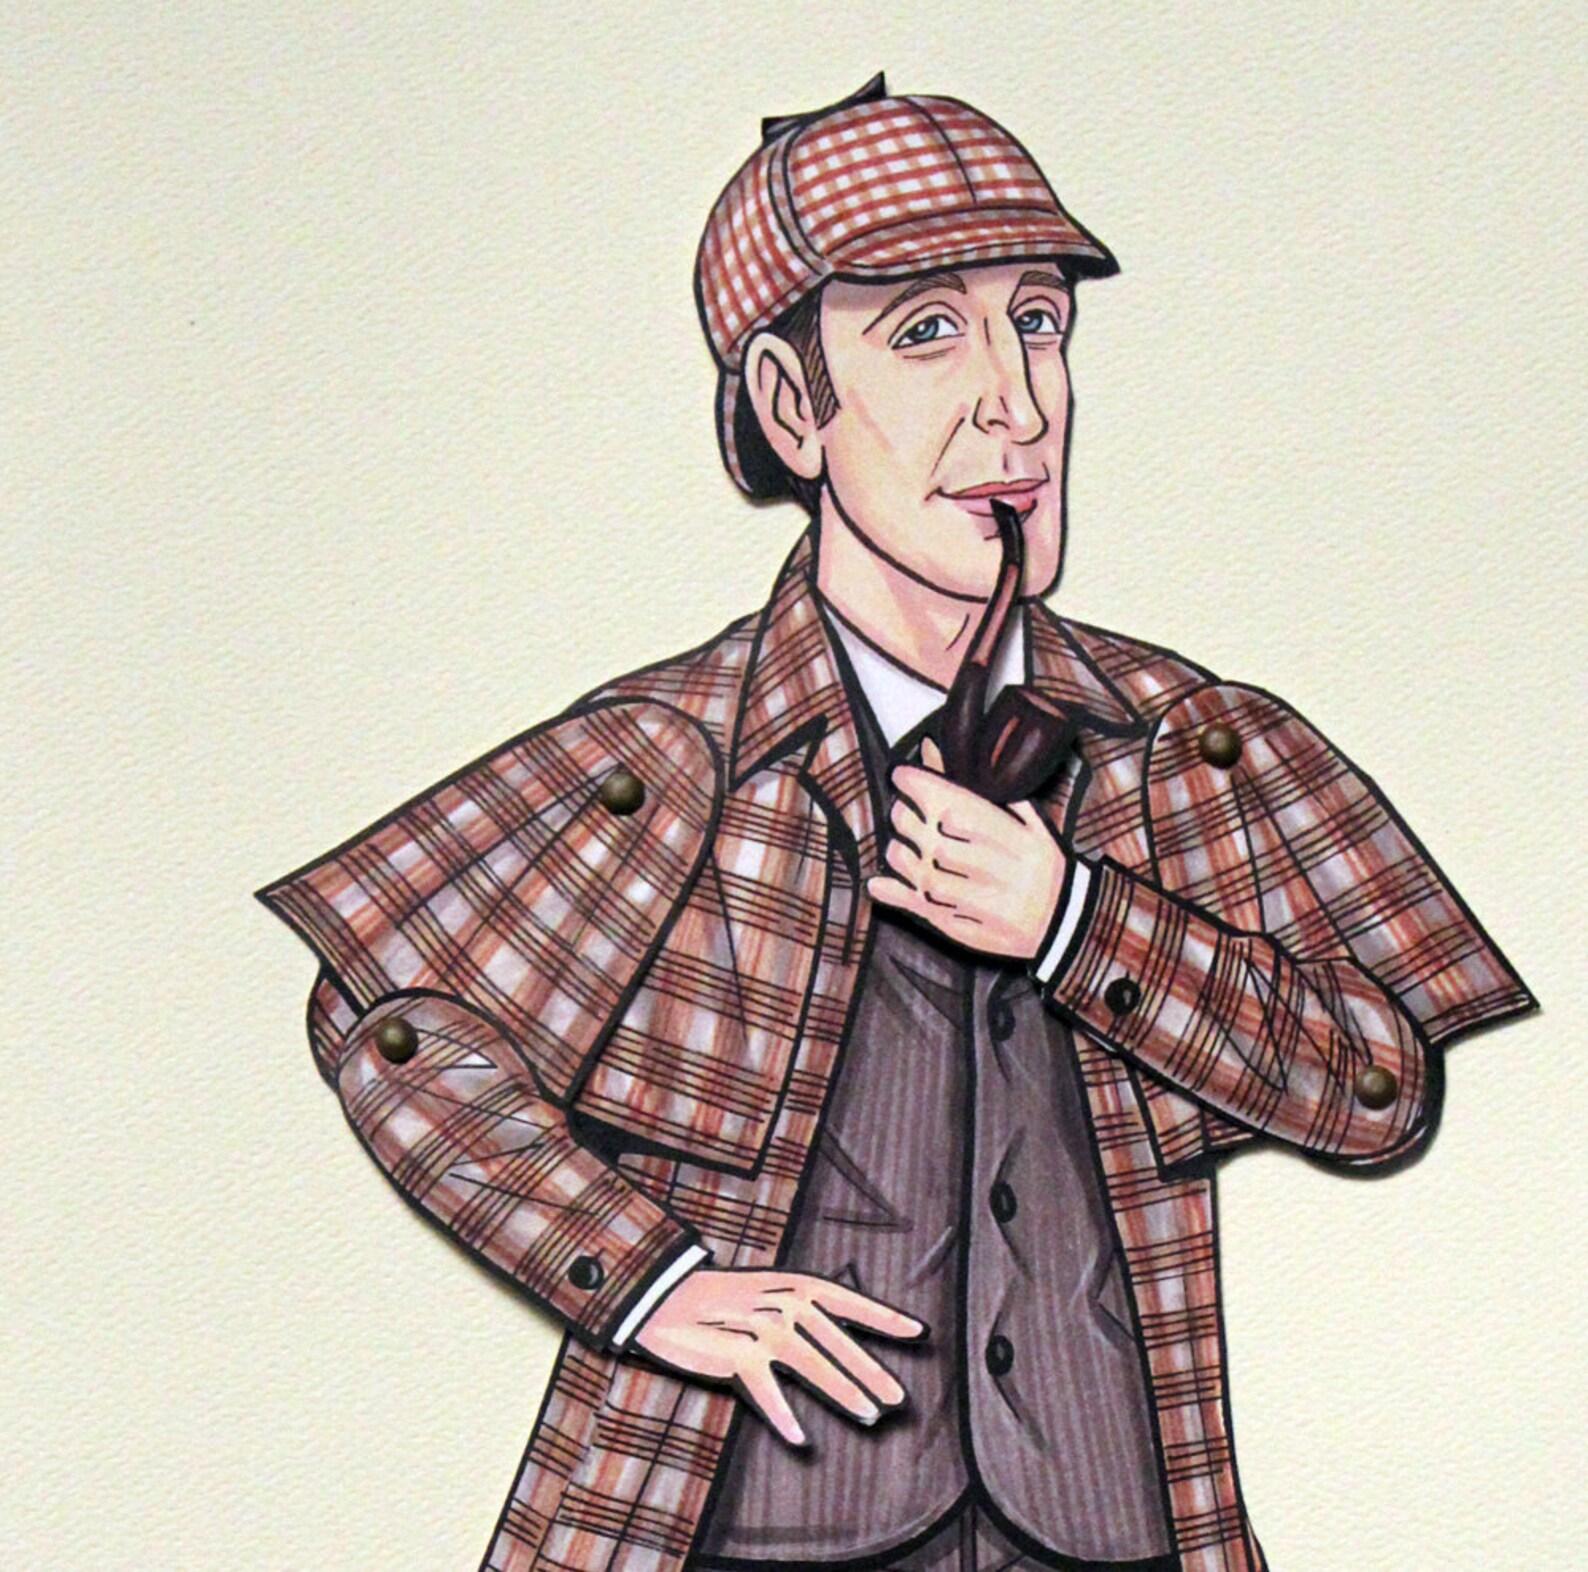 Шерлок холмс картинки для детей